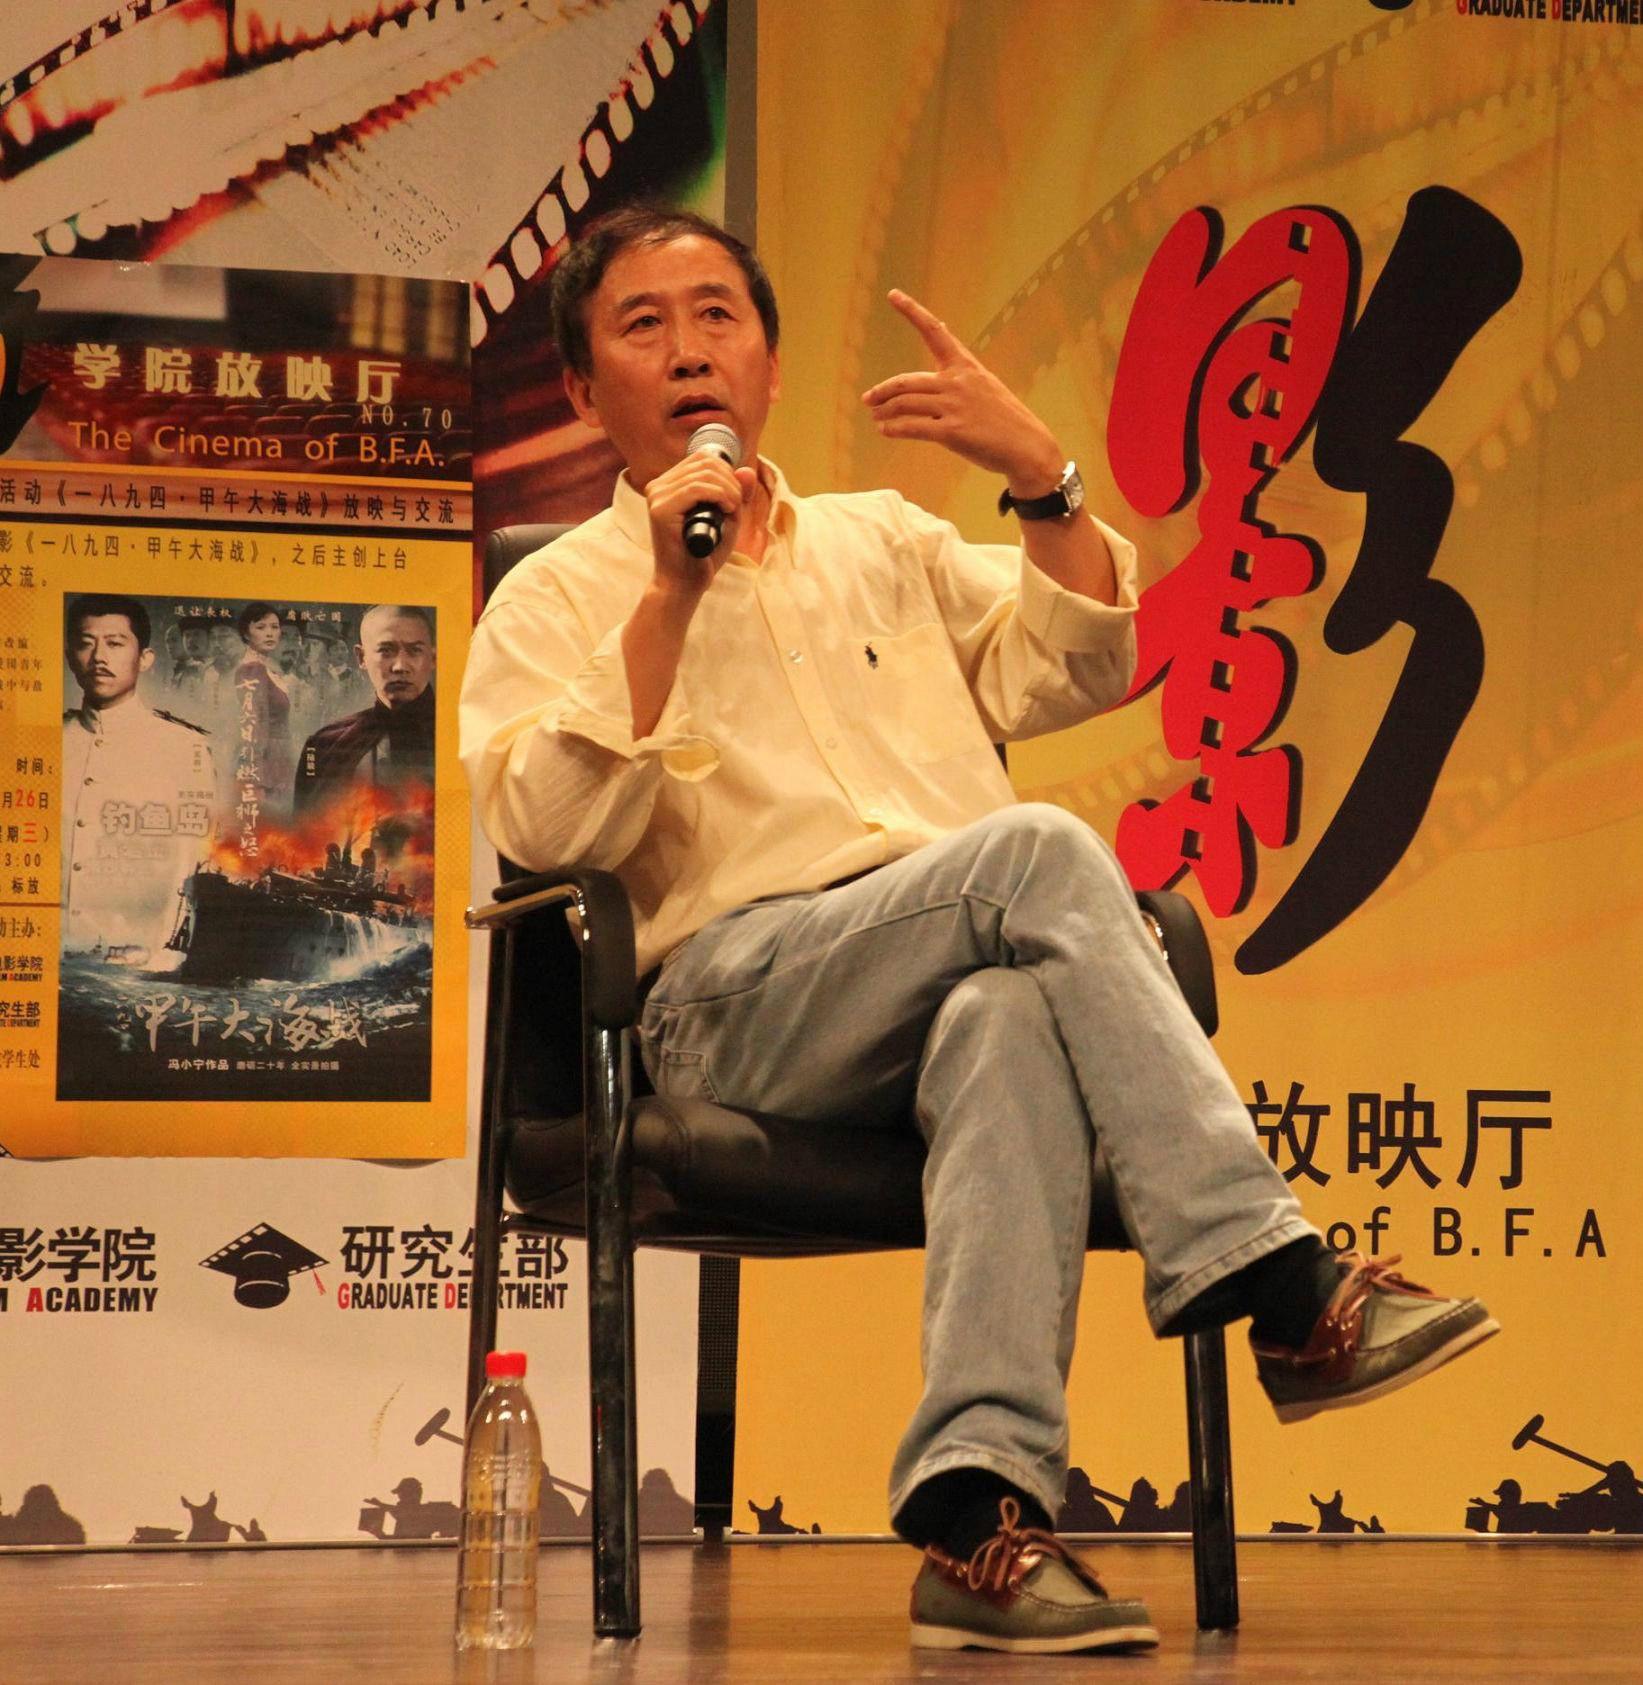 冯小宁追忆恩师于蓝:没有她支持就没有《大气层消失》